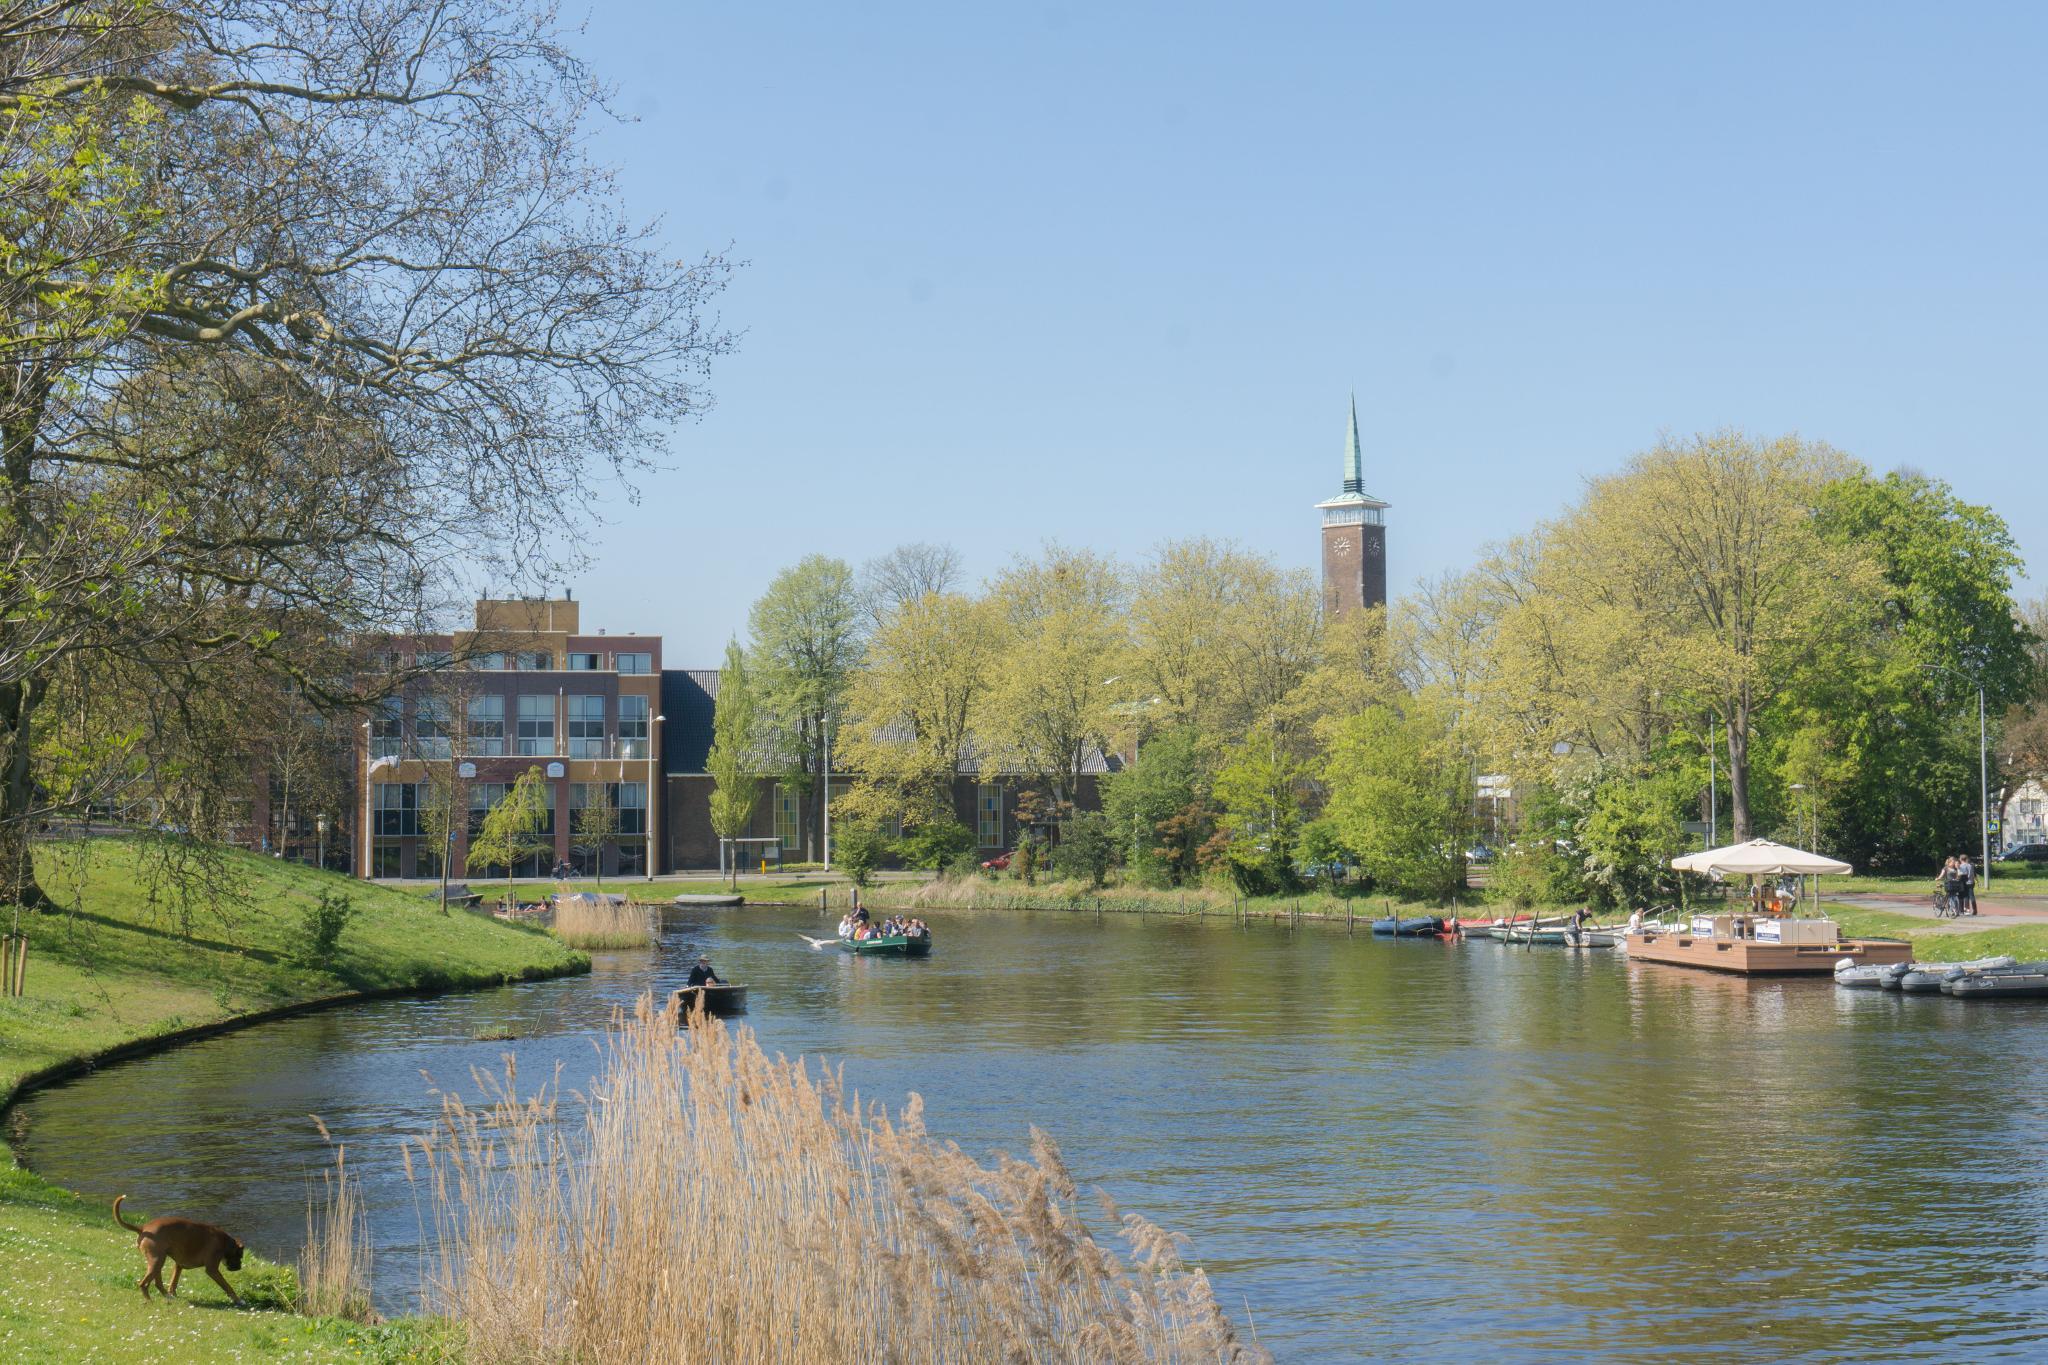 【荷蘭印象】體驗道地的荷式風情 — Alkmaar 起司市集 散步路線整理 43